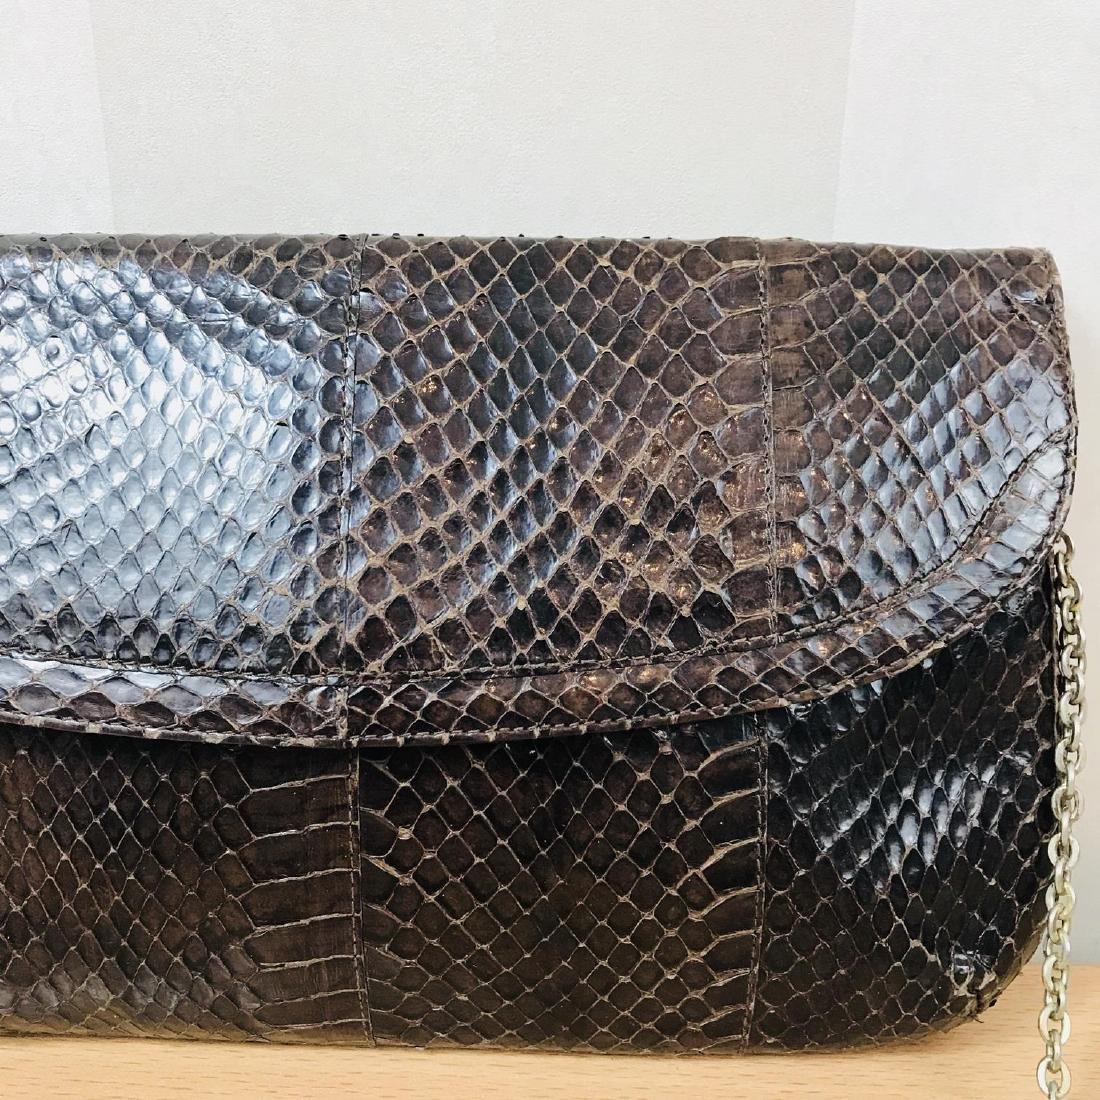 Vintage Brown Snakeskin Leather Clutch Bag - 3